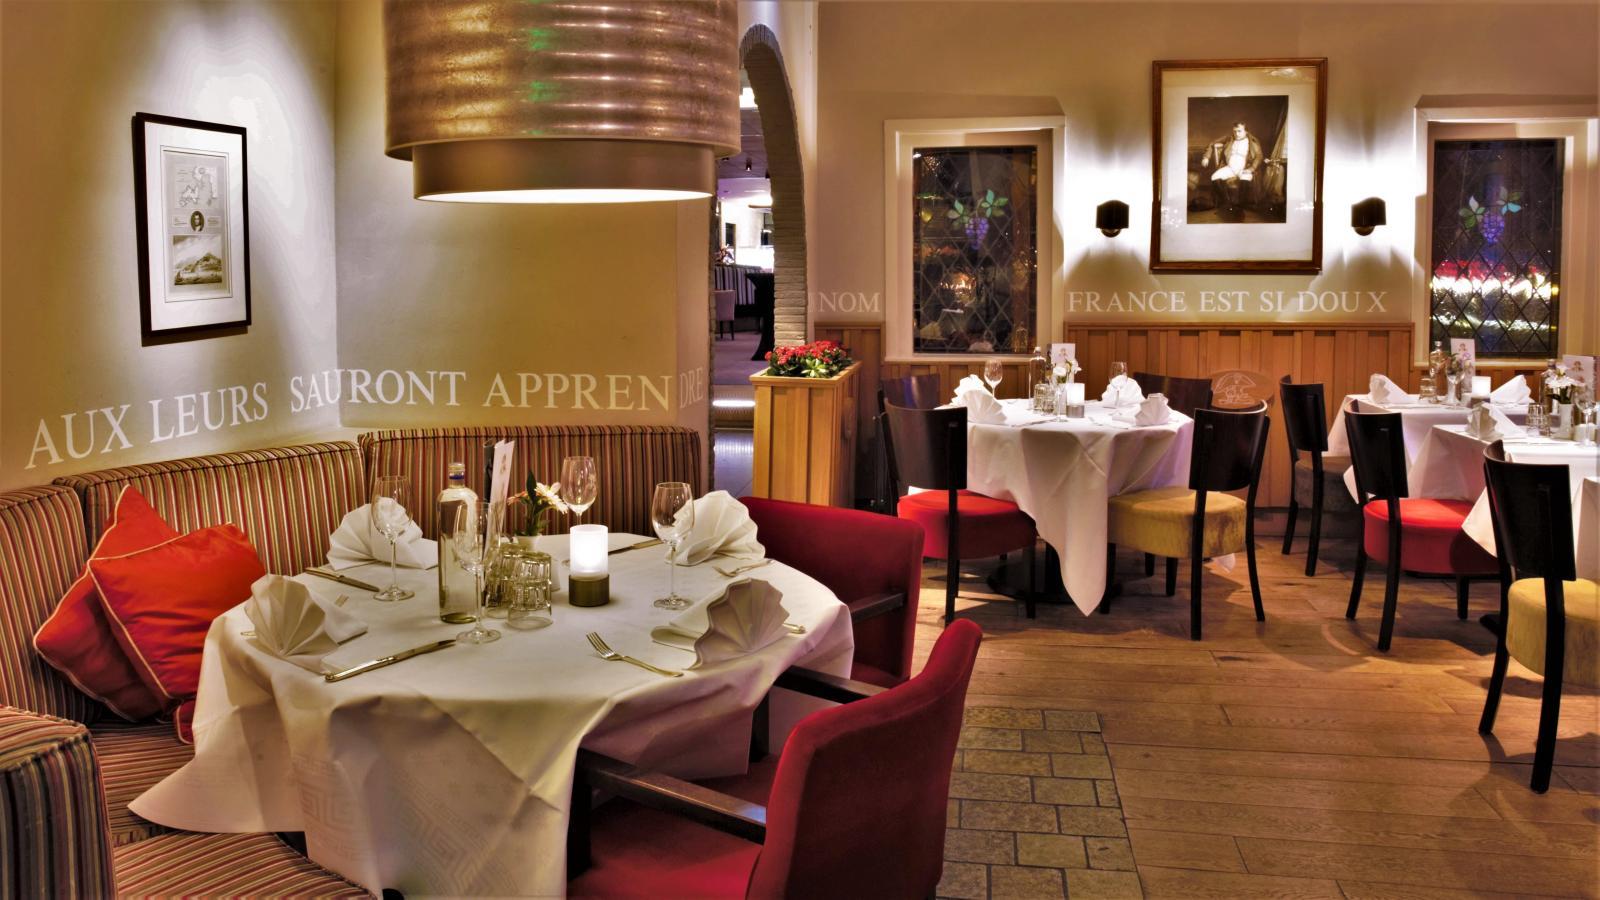 Brasserie Restaurant 't VoorHuys